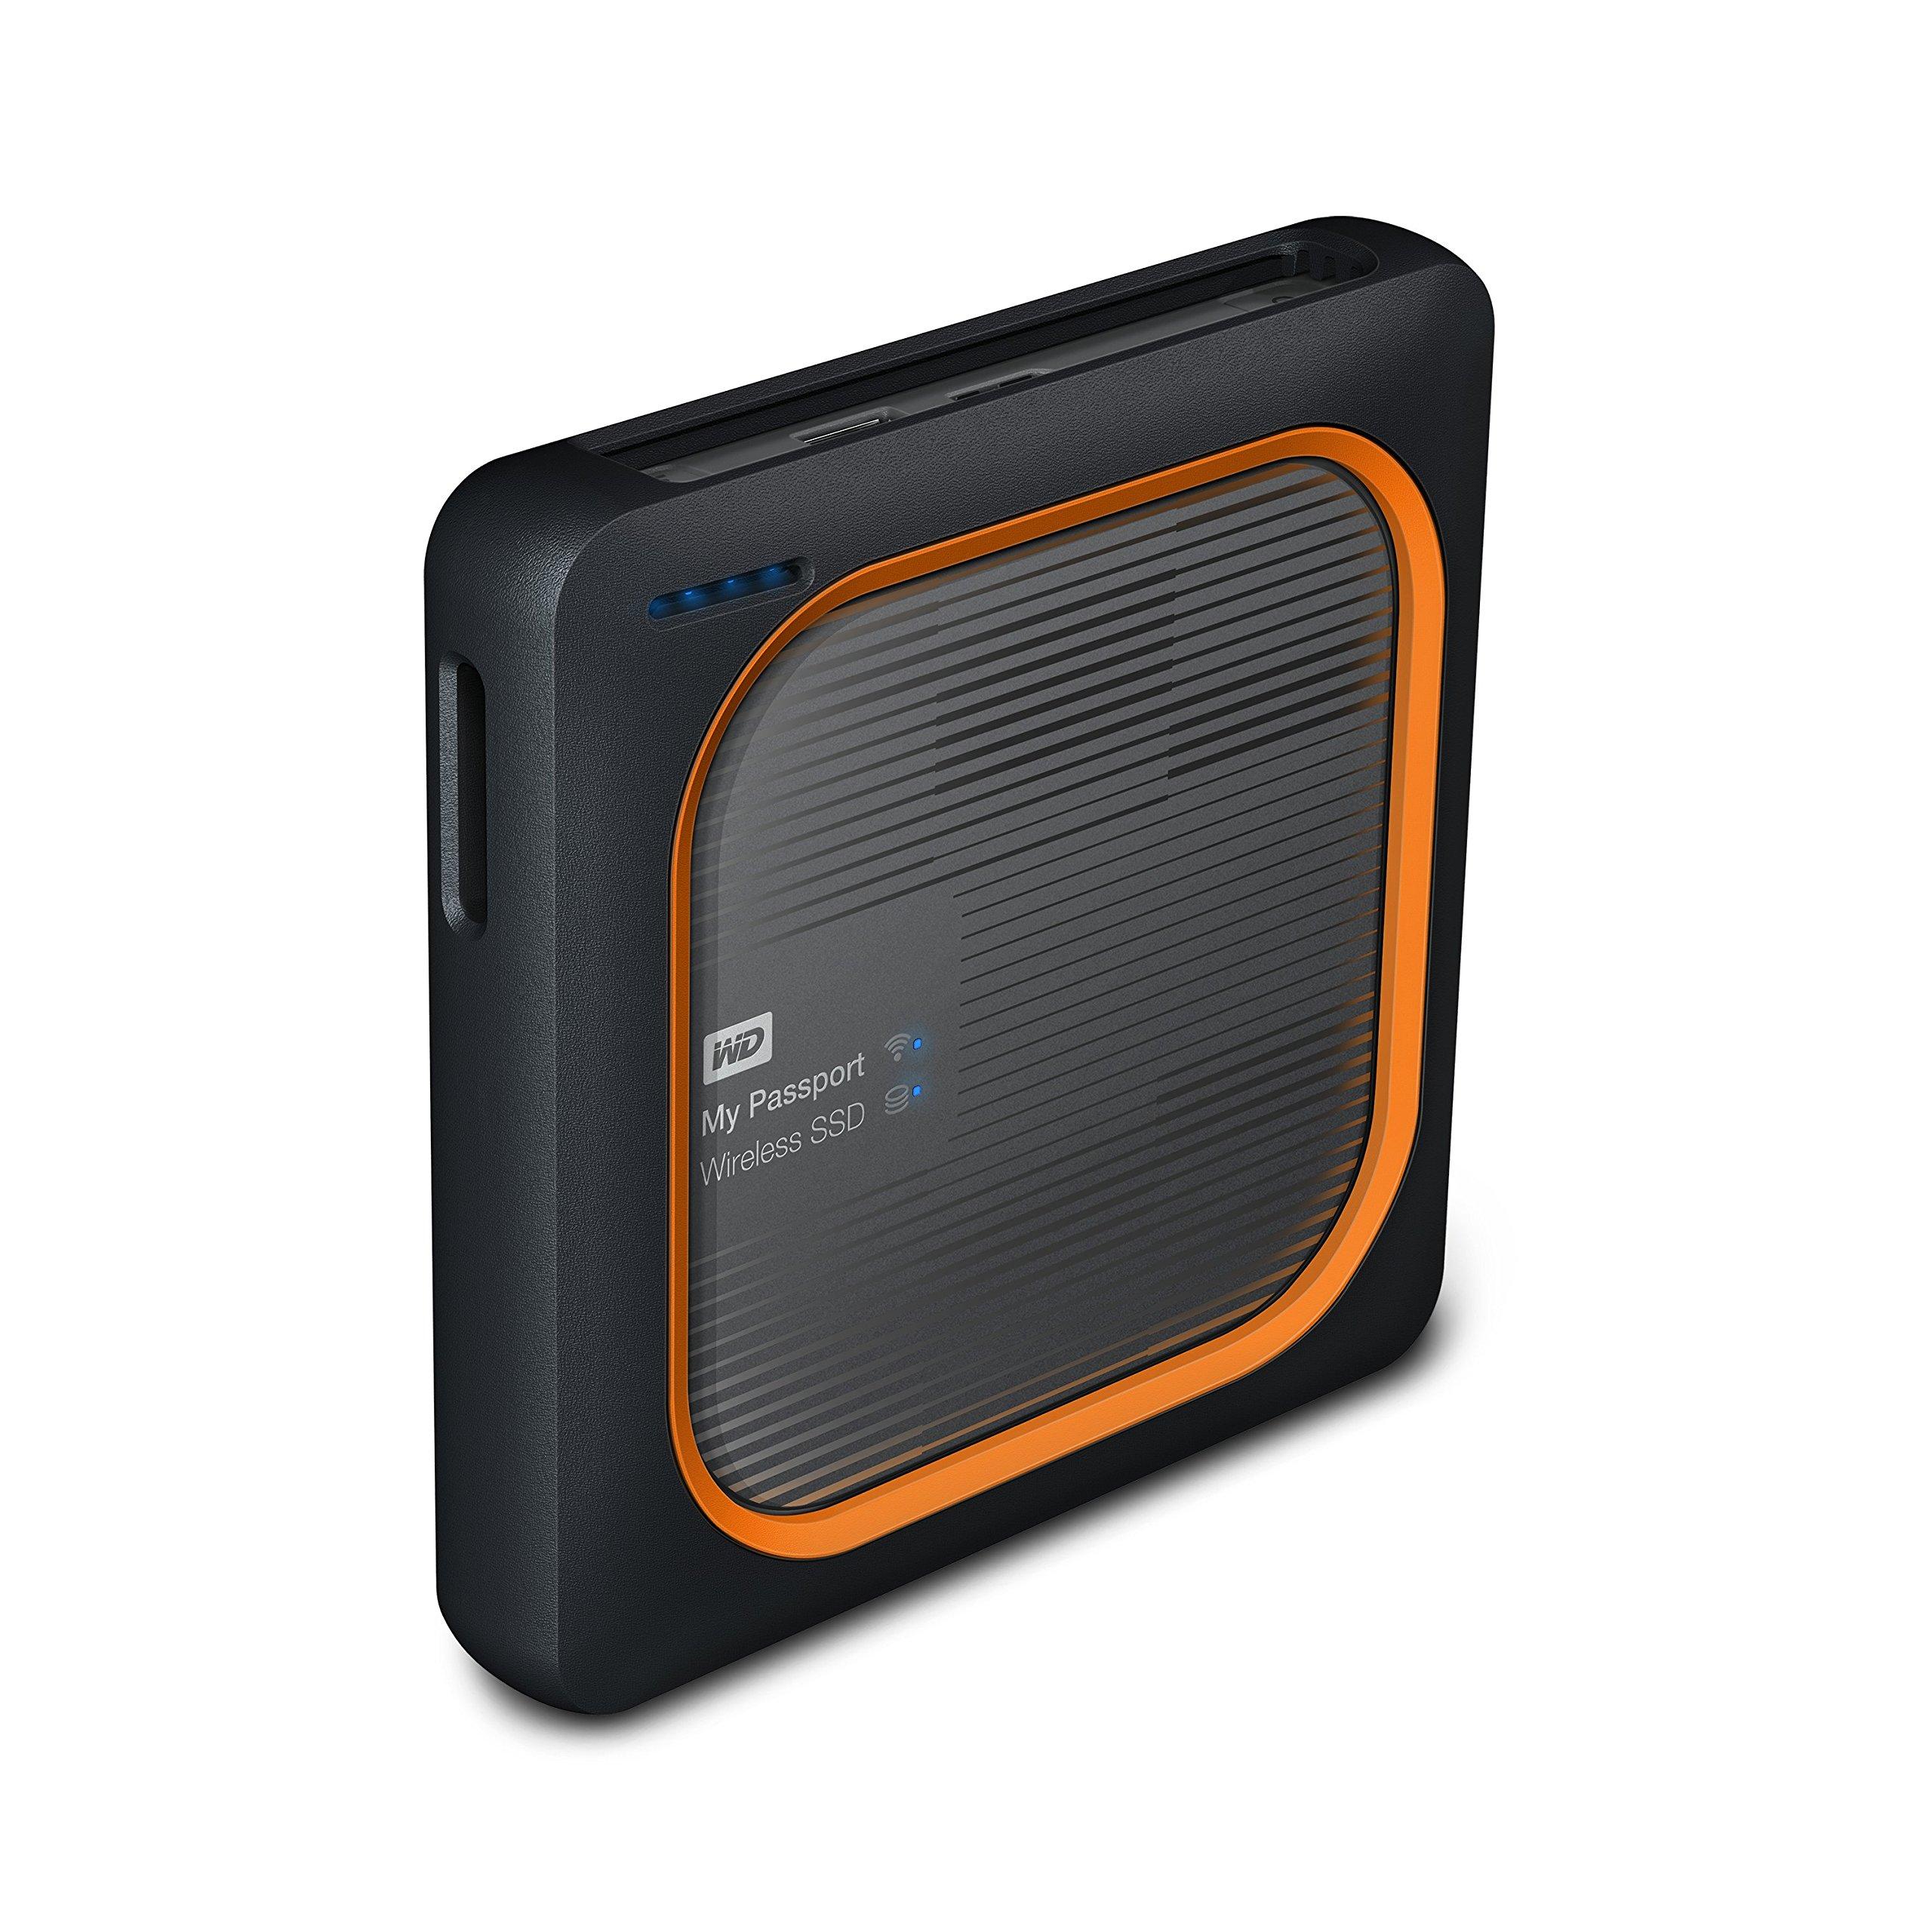 WD 250GB My Passport Wireless SSD External Portable Drive - WiFi USB 3.0 -WDBAMJ2500AGY-NESN by Western Digital (Image #2)